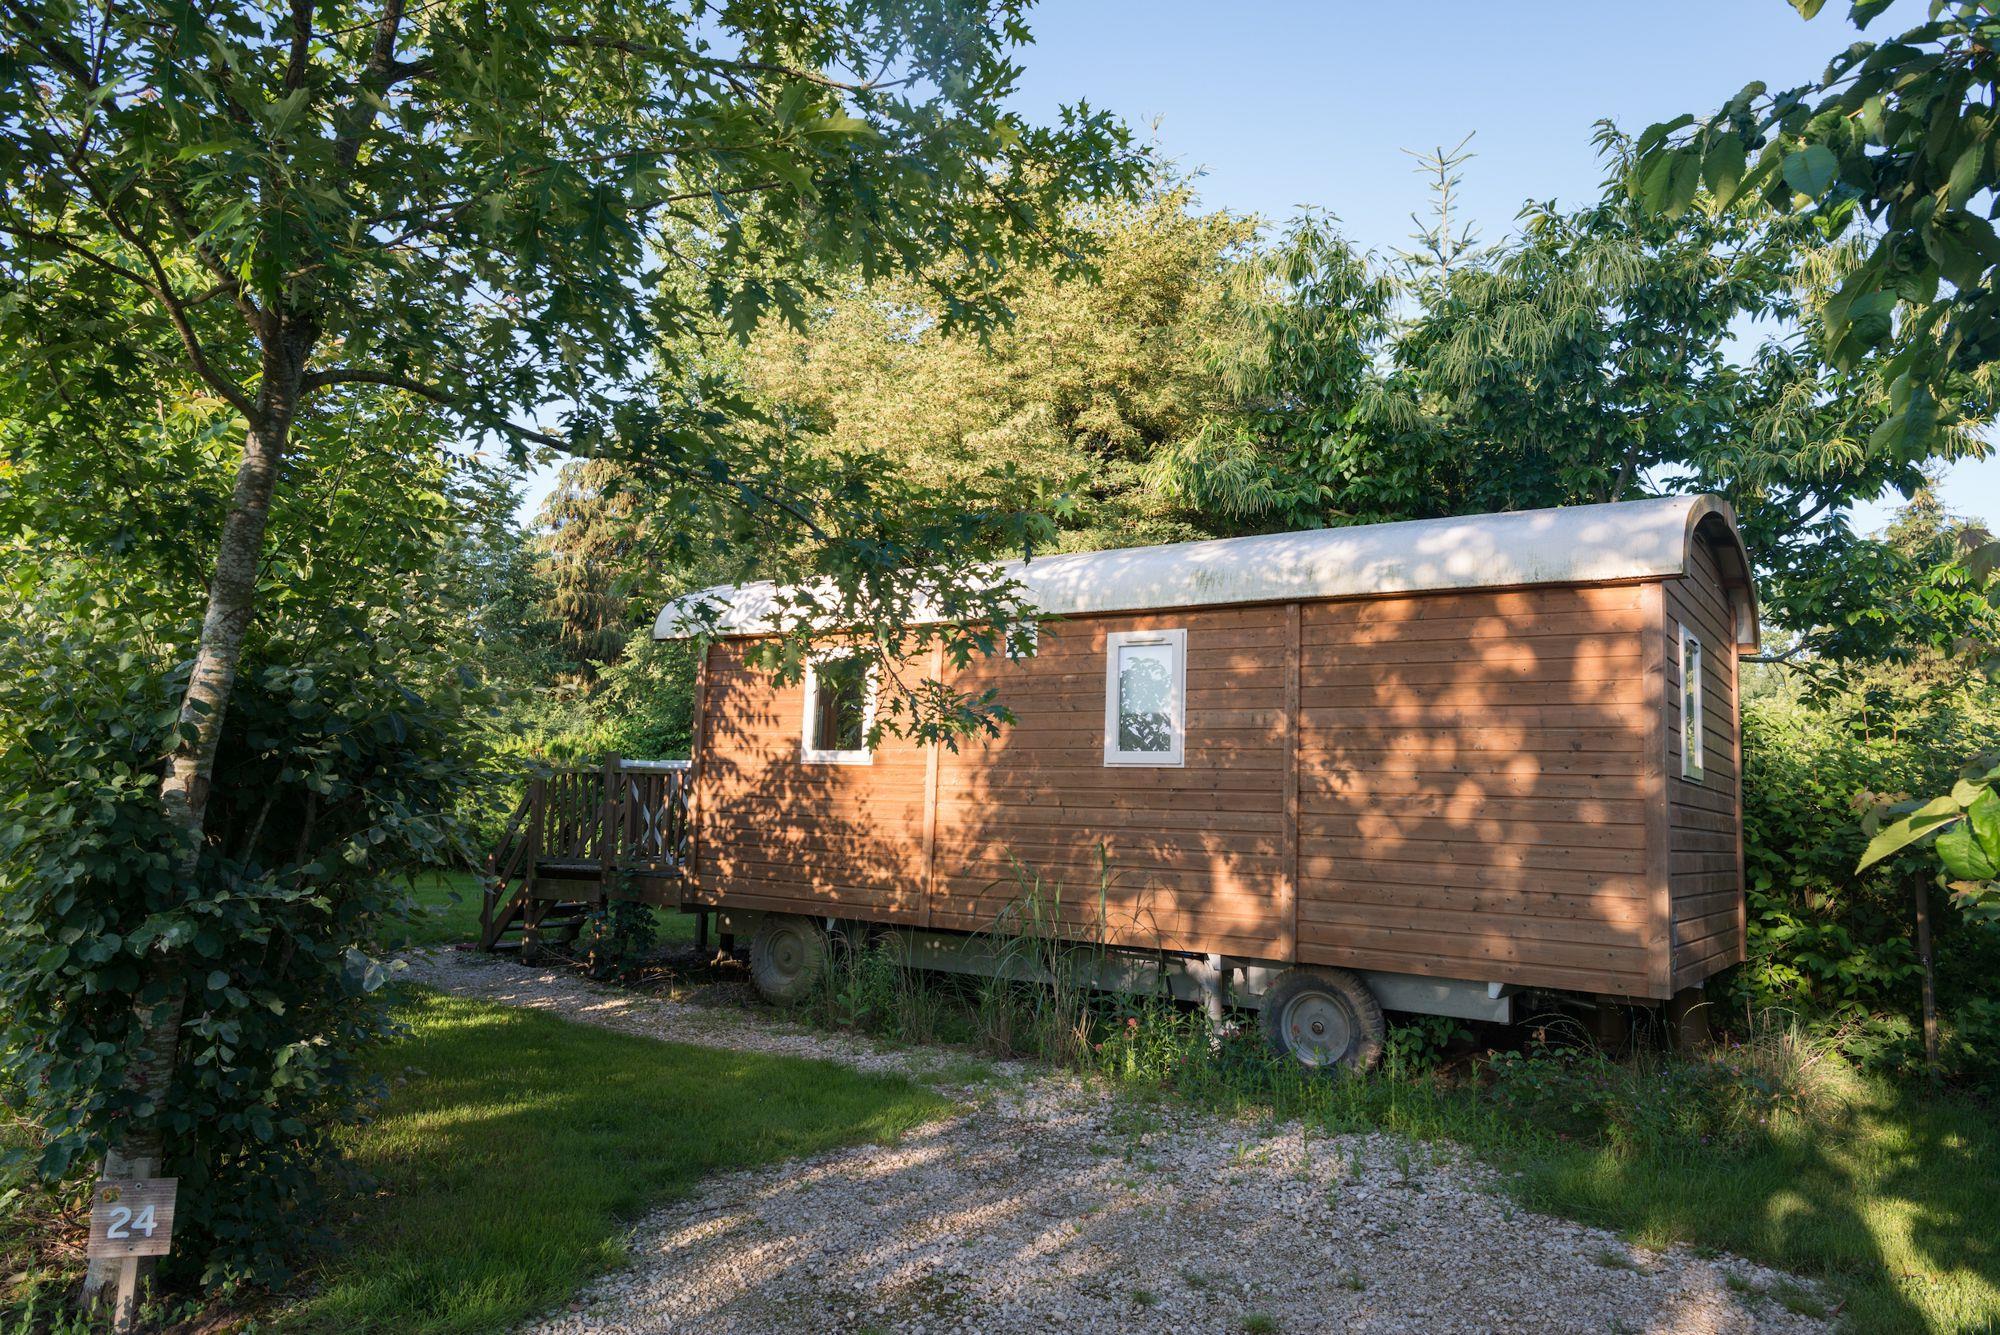 Camping La Ferme de Prunay, Seillac, Loir-et-Cher